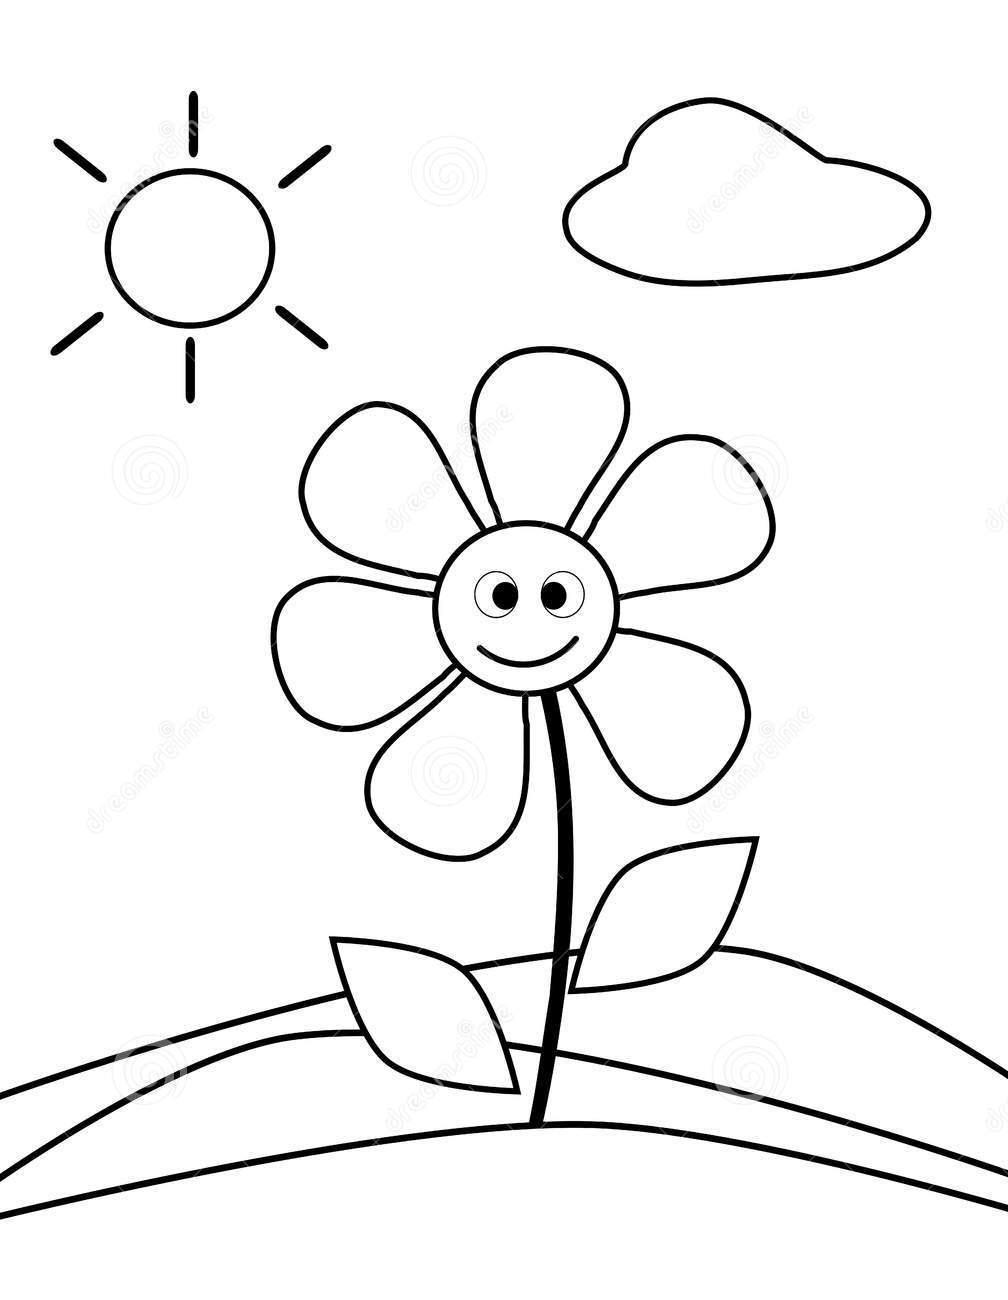 Tranh tô màu phong cảnh đơn giản cho bé 3 tuổi